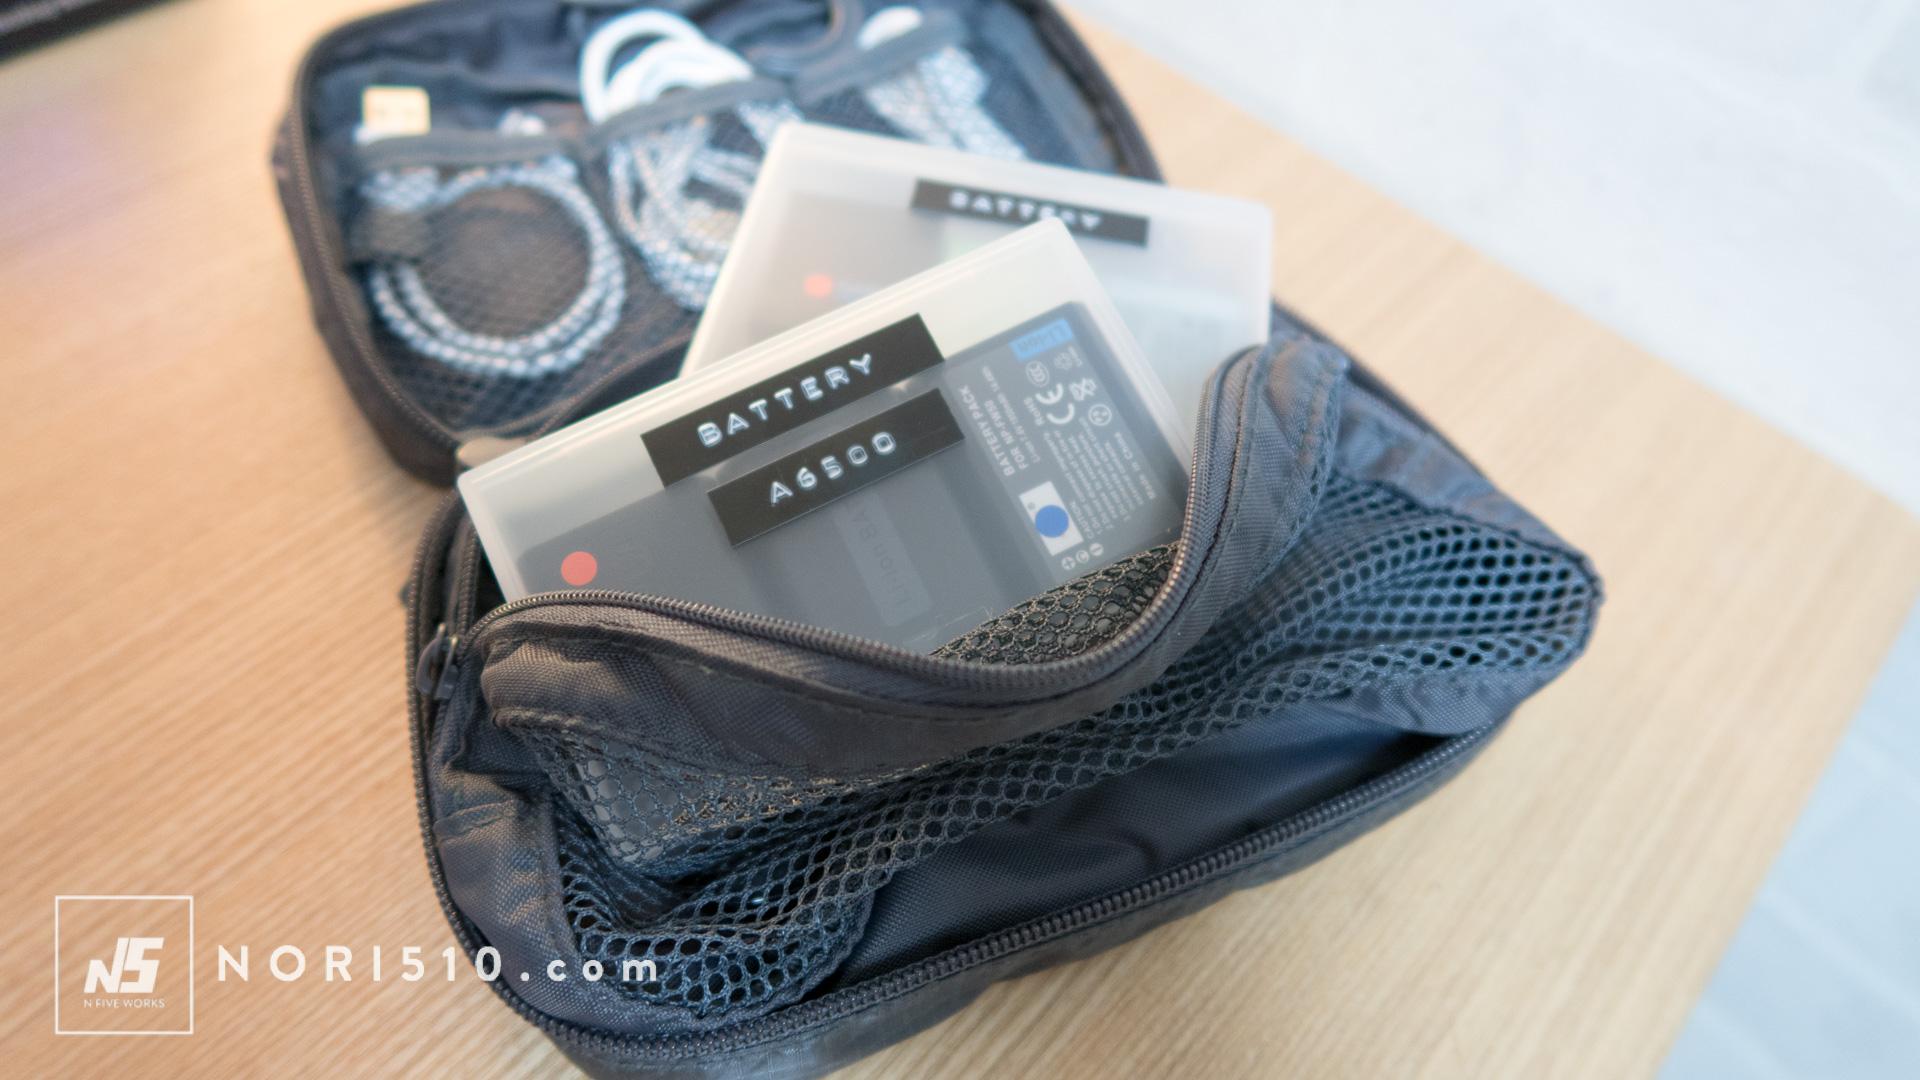 ソニーのカメラバッテリーにピッタリの収納ケースがセリアで見つかった!!